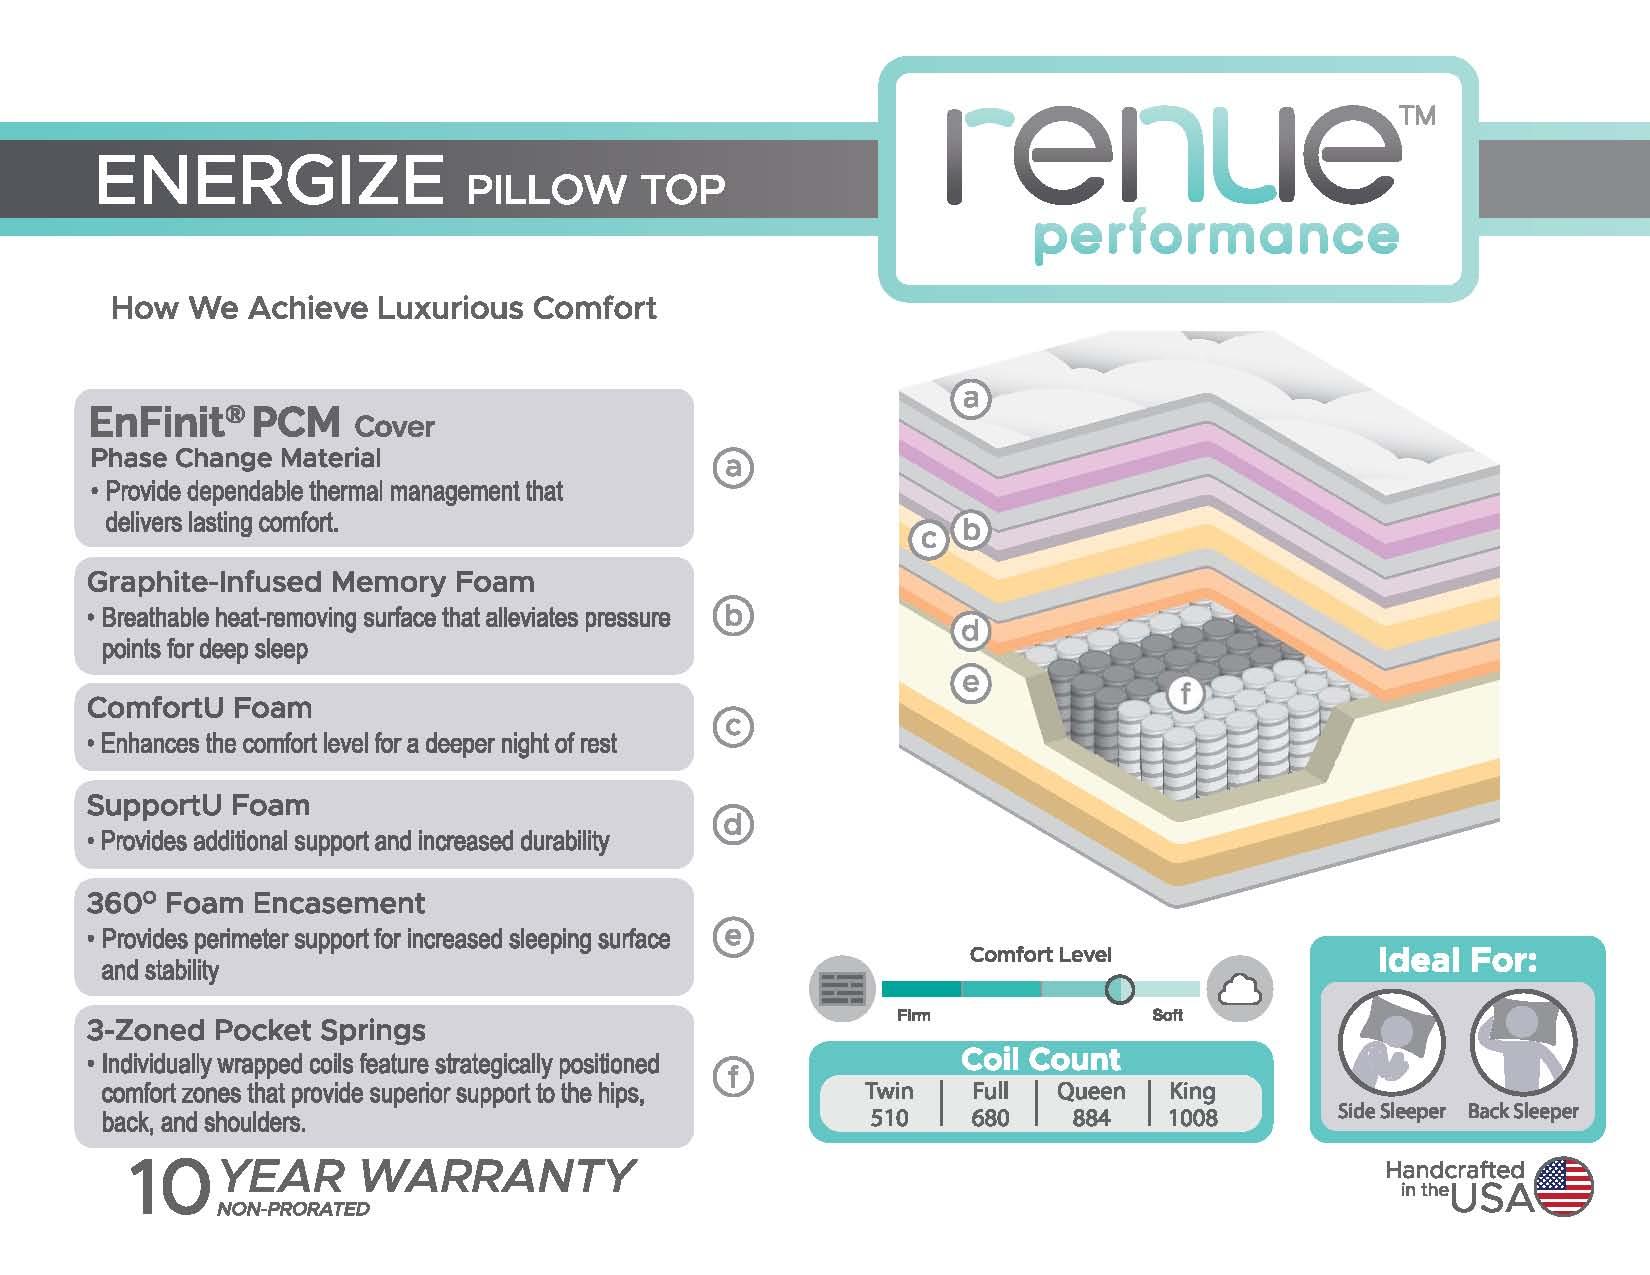 8580pr-energize-pillow-top-speccard.jpg